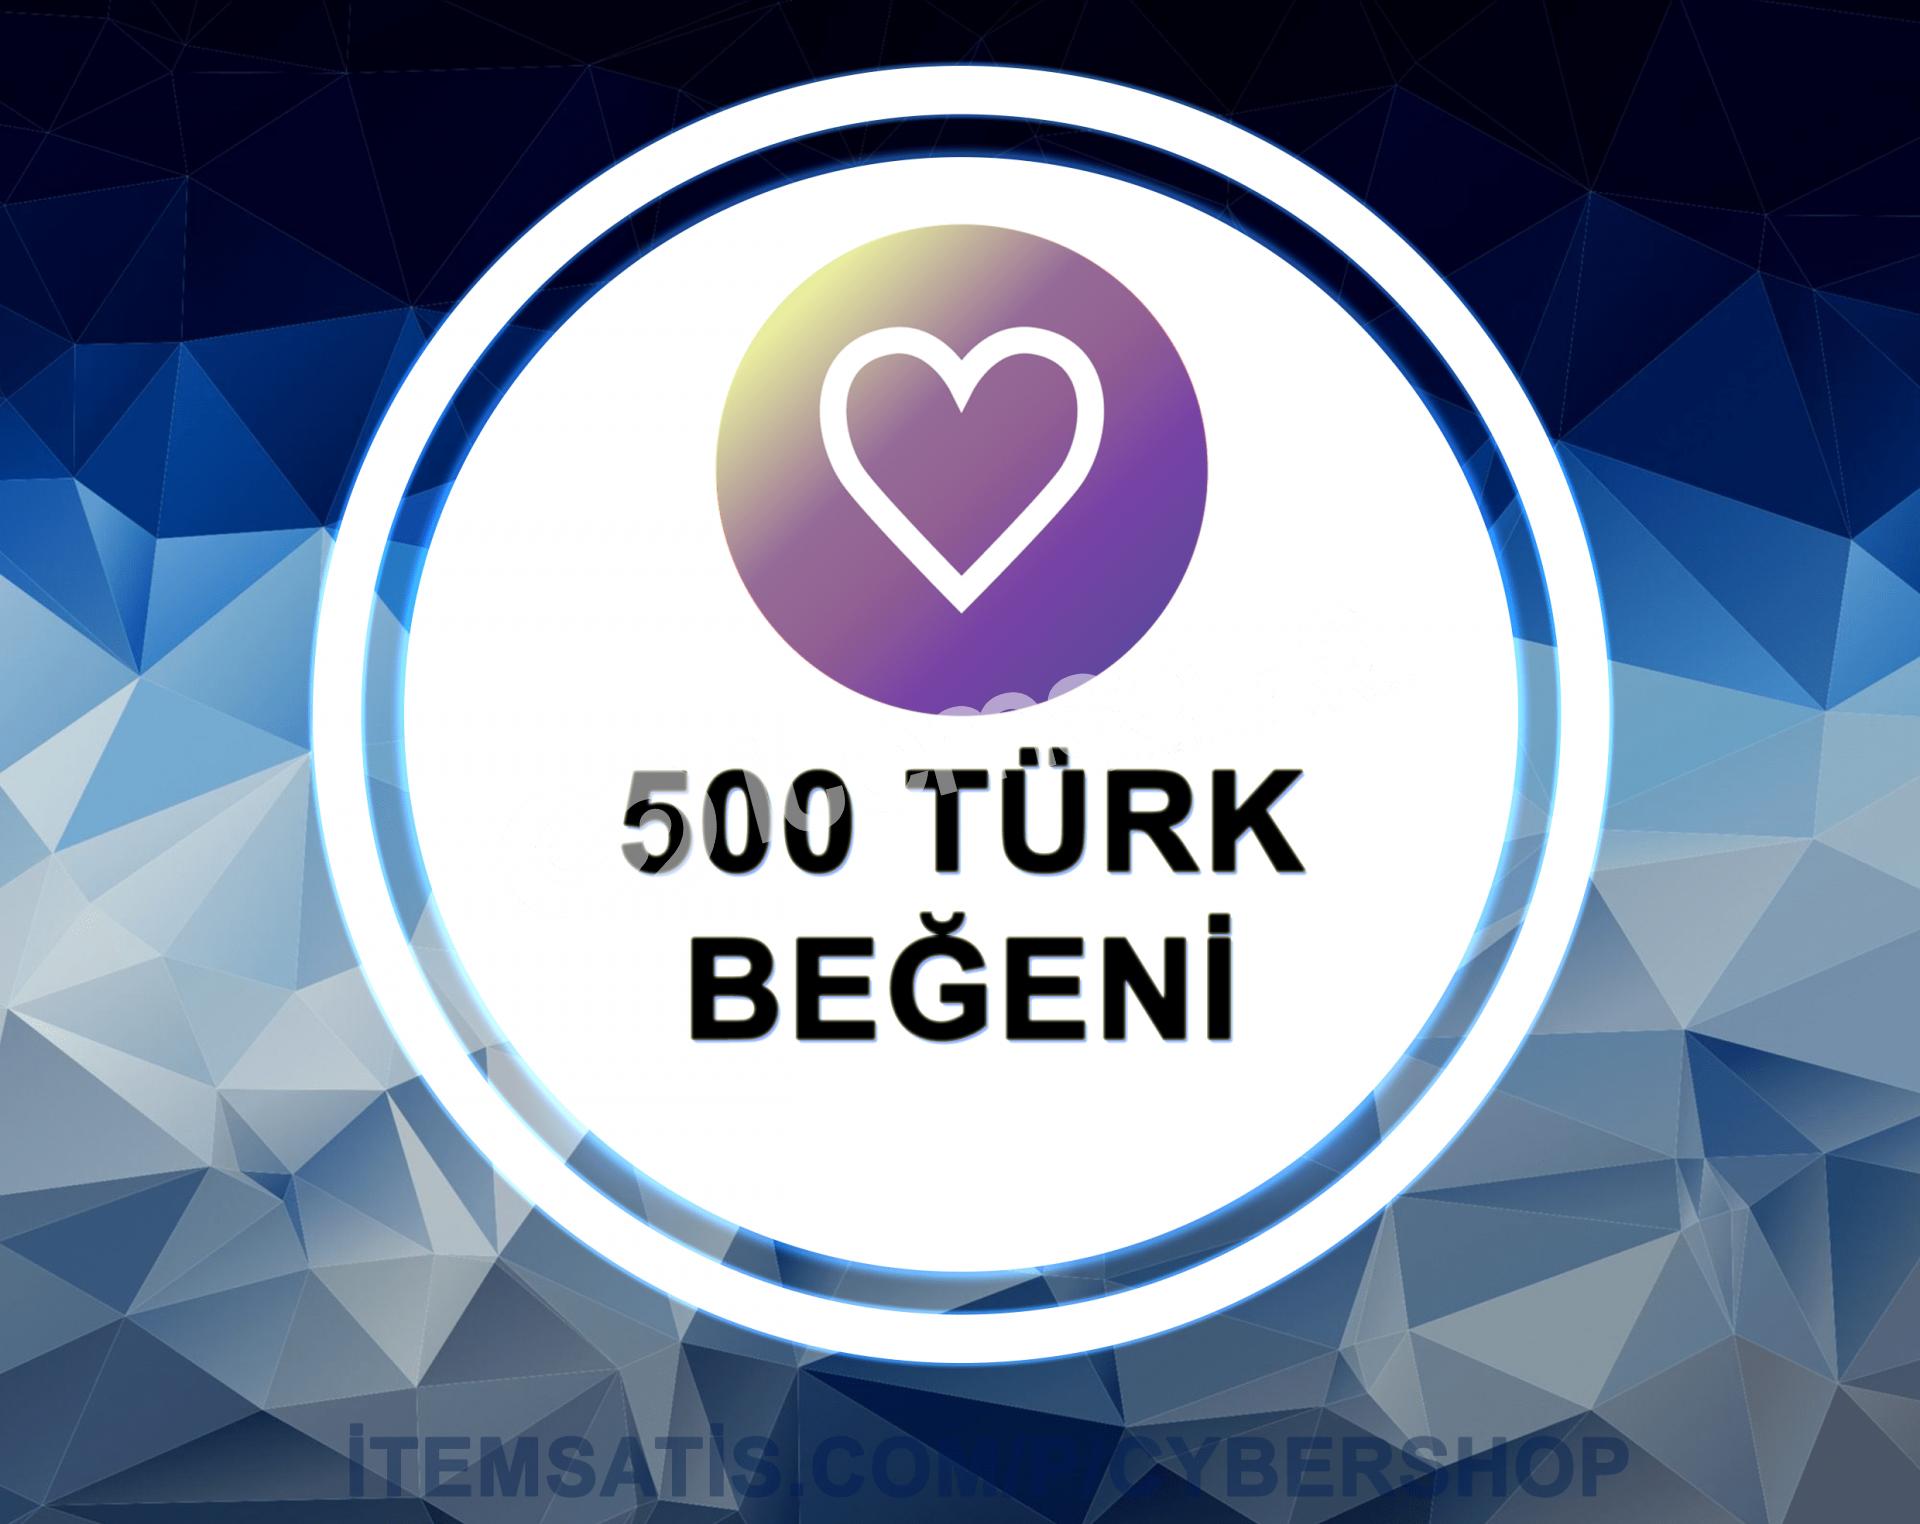 500 [TÜRK] Beğeni Paketi (Anlık Gönderim)